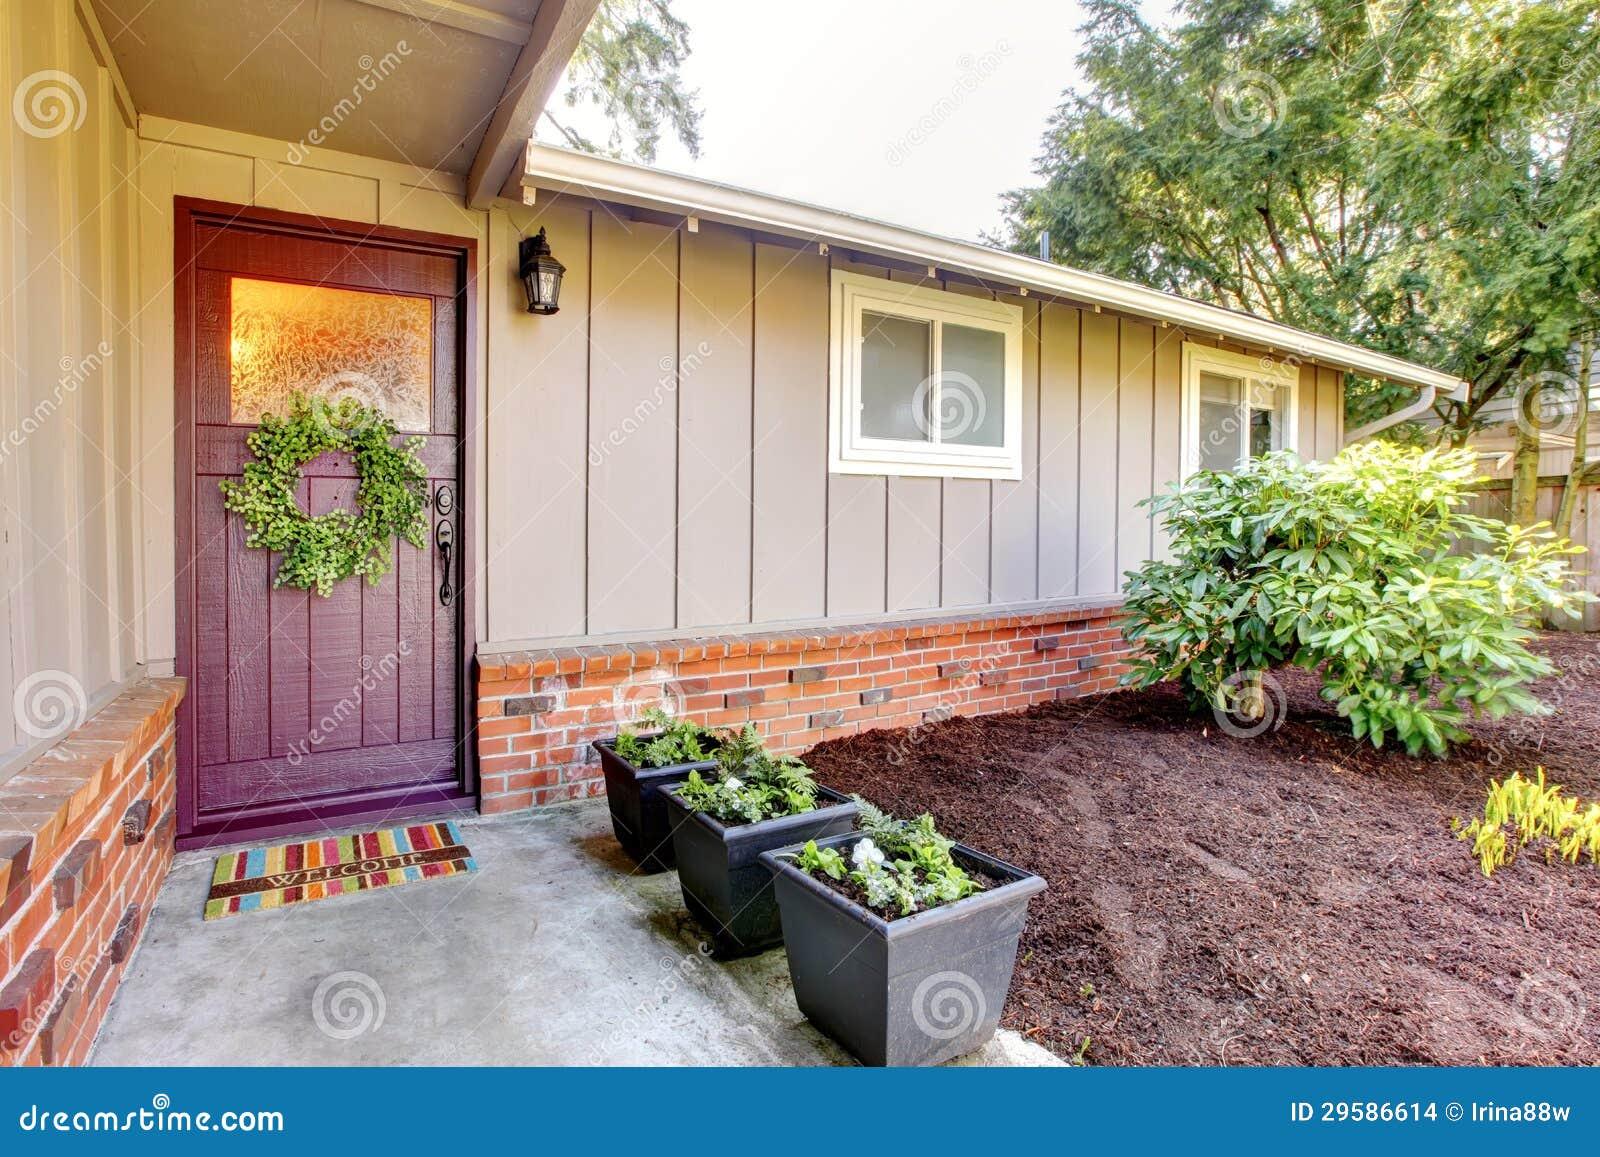 graues haus browns das mit haust r au en sind und fr hling gestalten landschaftlich. Black Bedroom Furniture Sets. Home Design Ideas